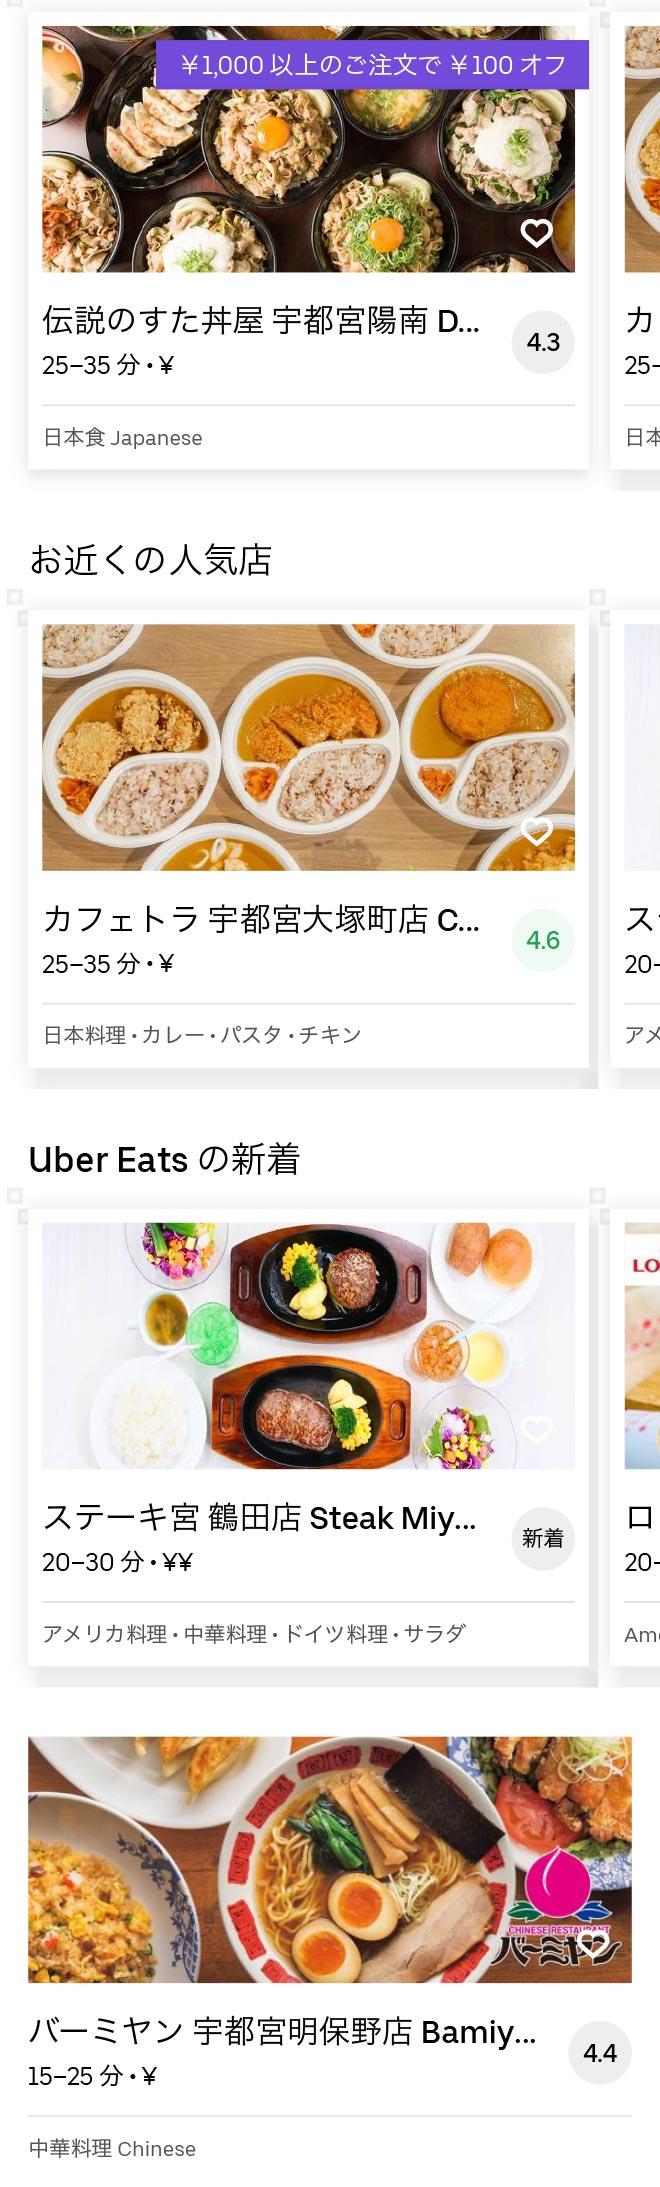 Utsunomiya tsuruta menu 200601